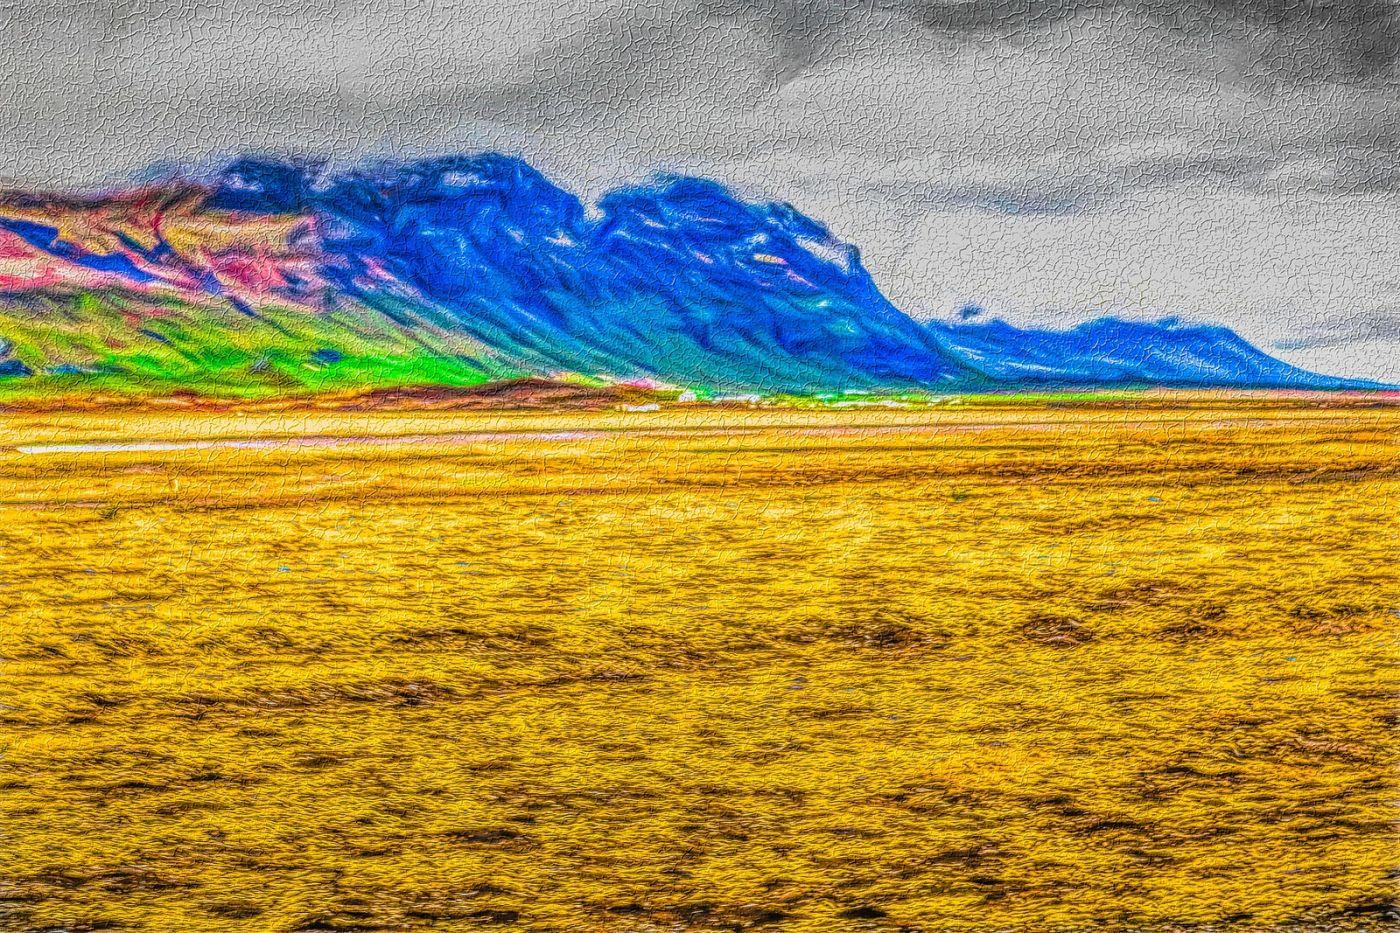 冰岛风采,新的感觉_图1-22